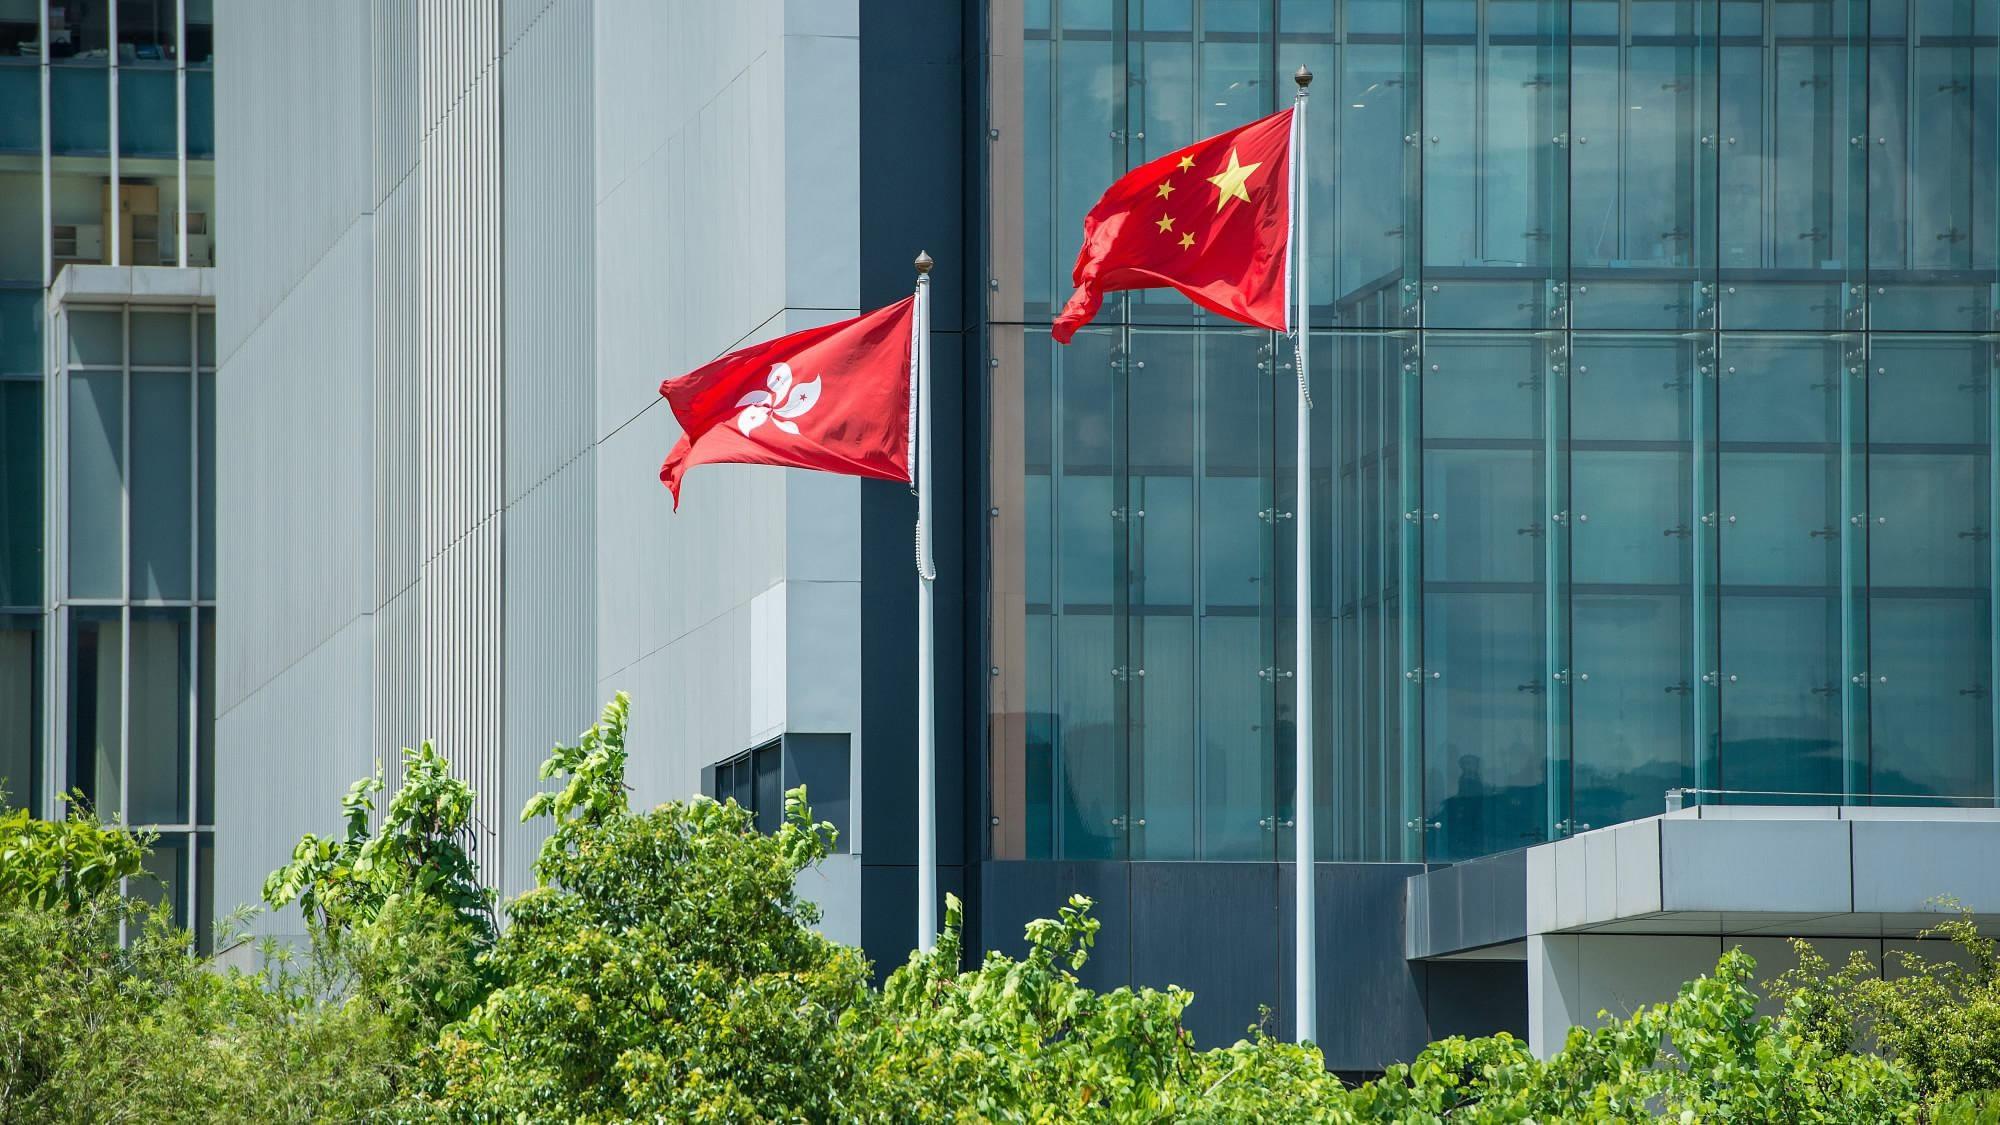 Central gov't spokesperson denounces violence in HKSAR